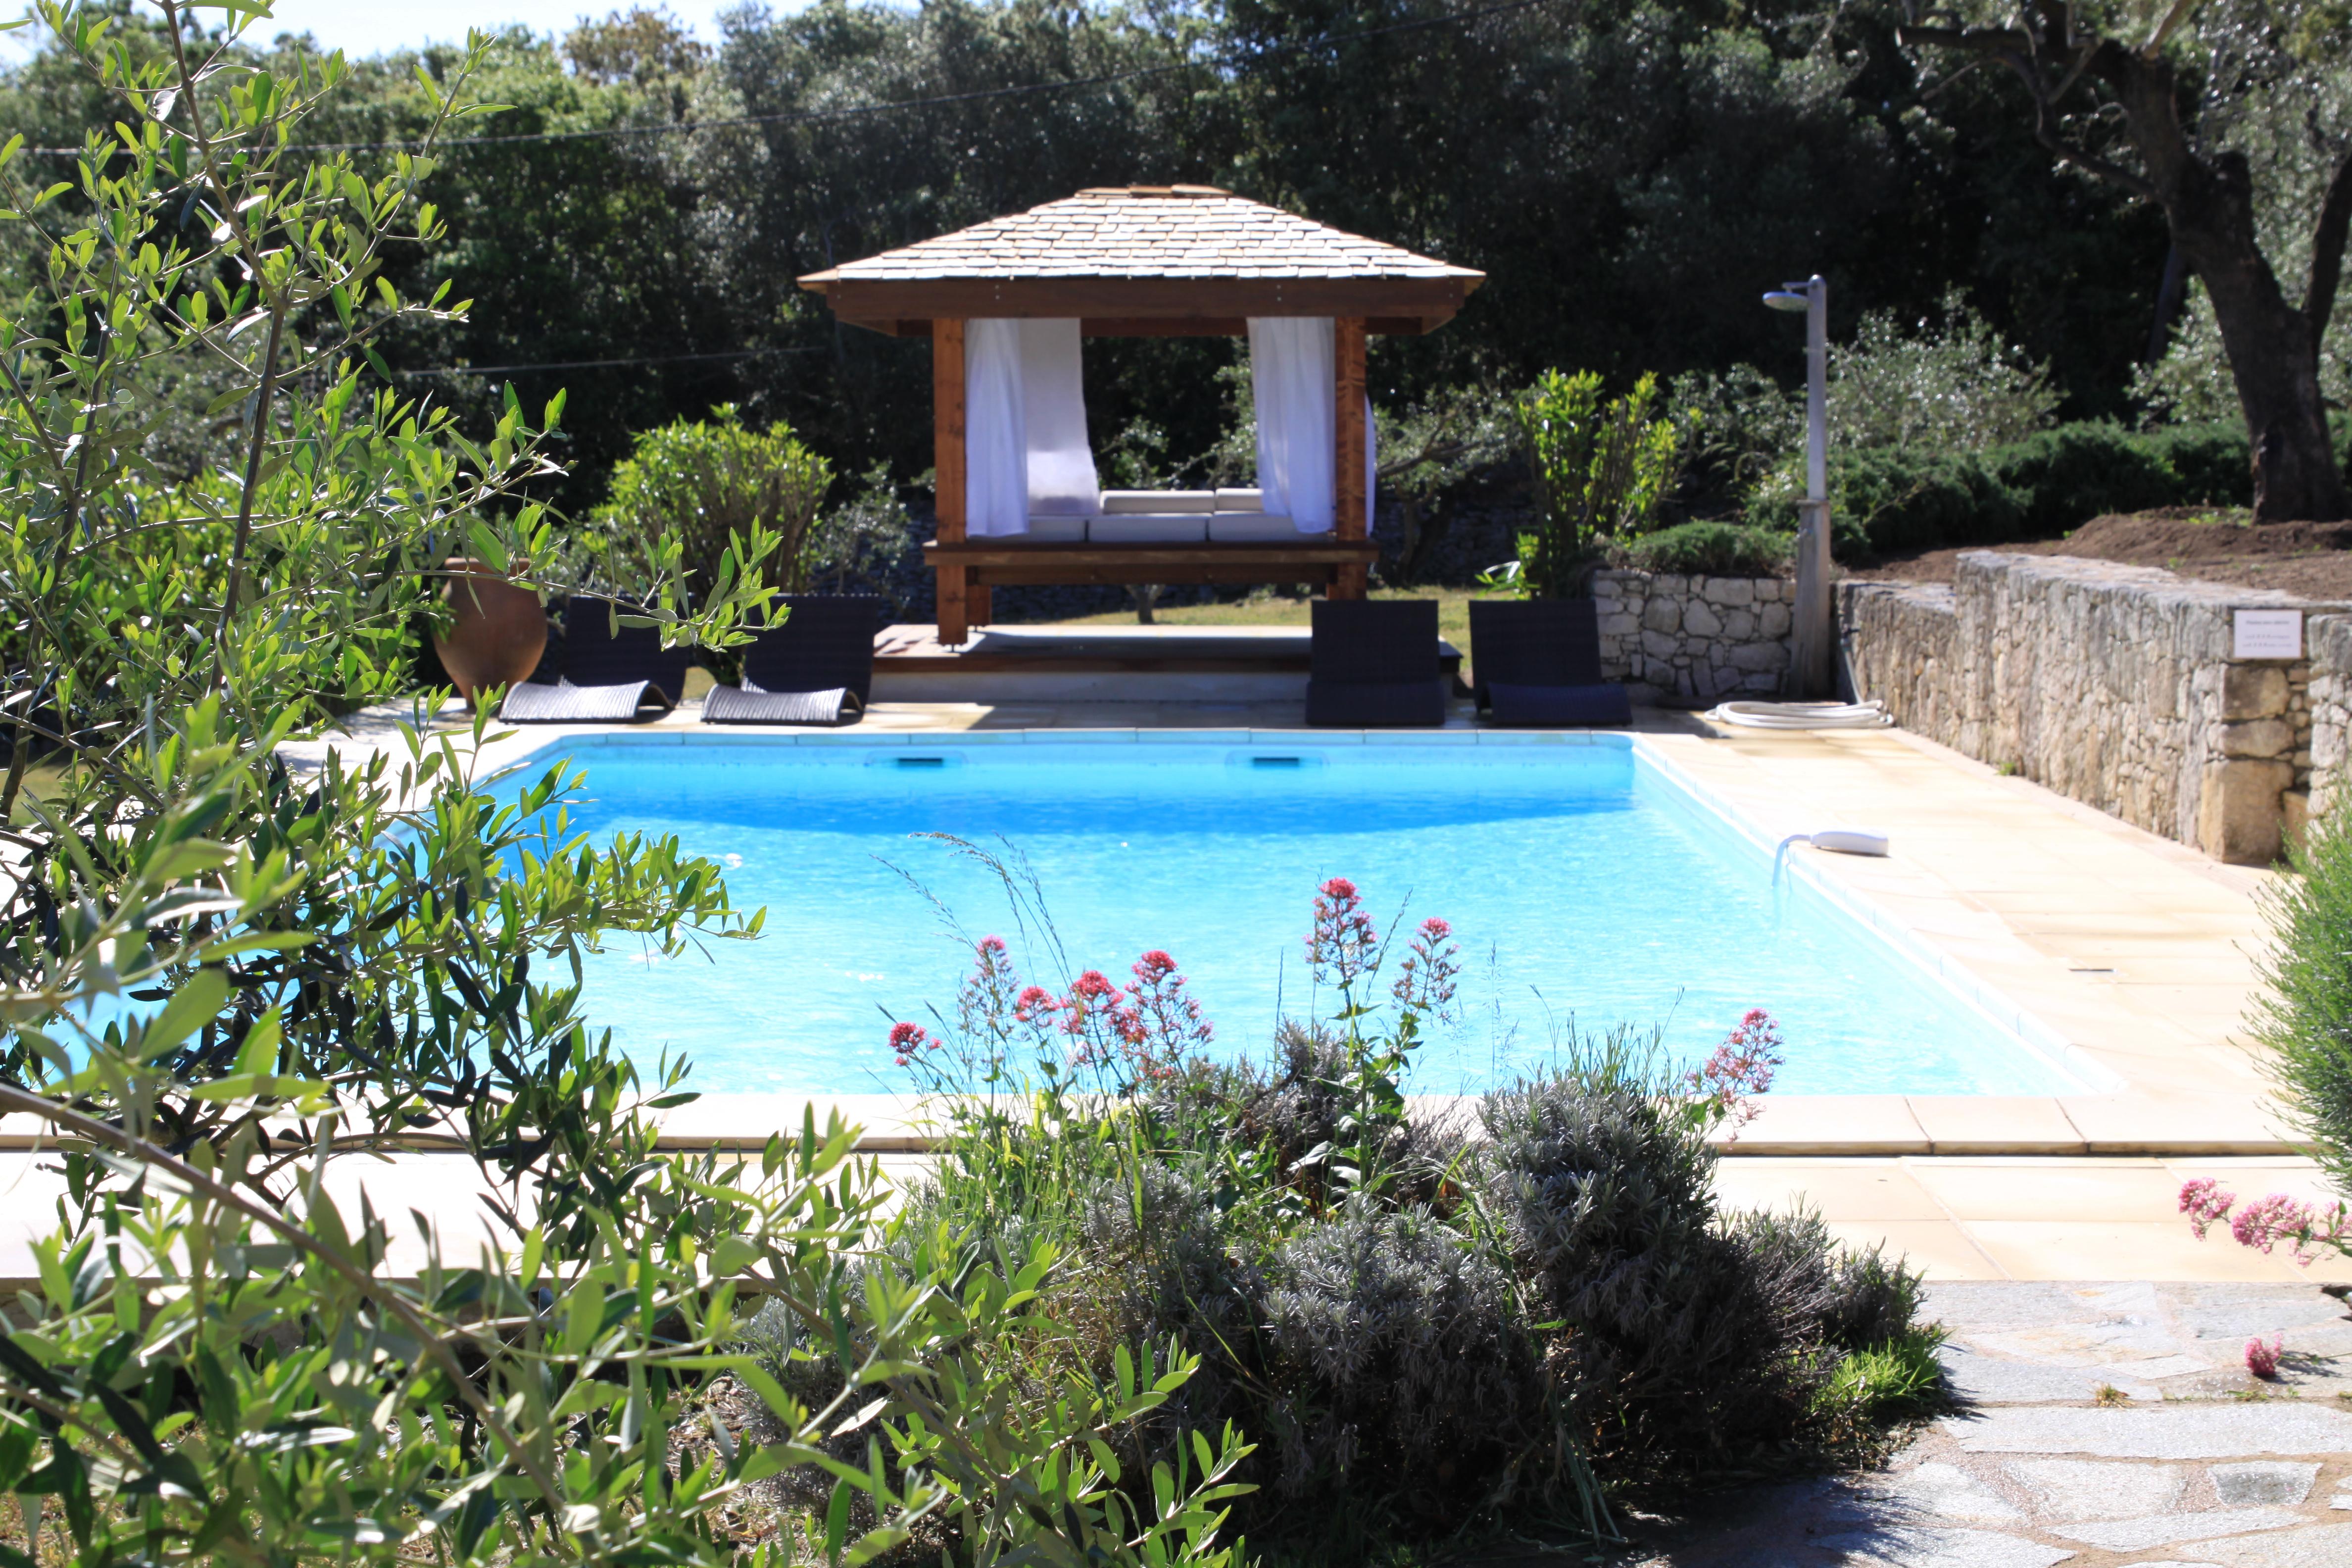 Chambres D'Hôtes Nature Et Design Bonifacio, Corse Du Sud destiné Chambre D Hotes Corse Du Sud